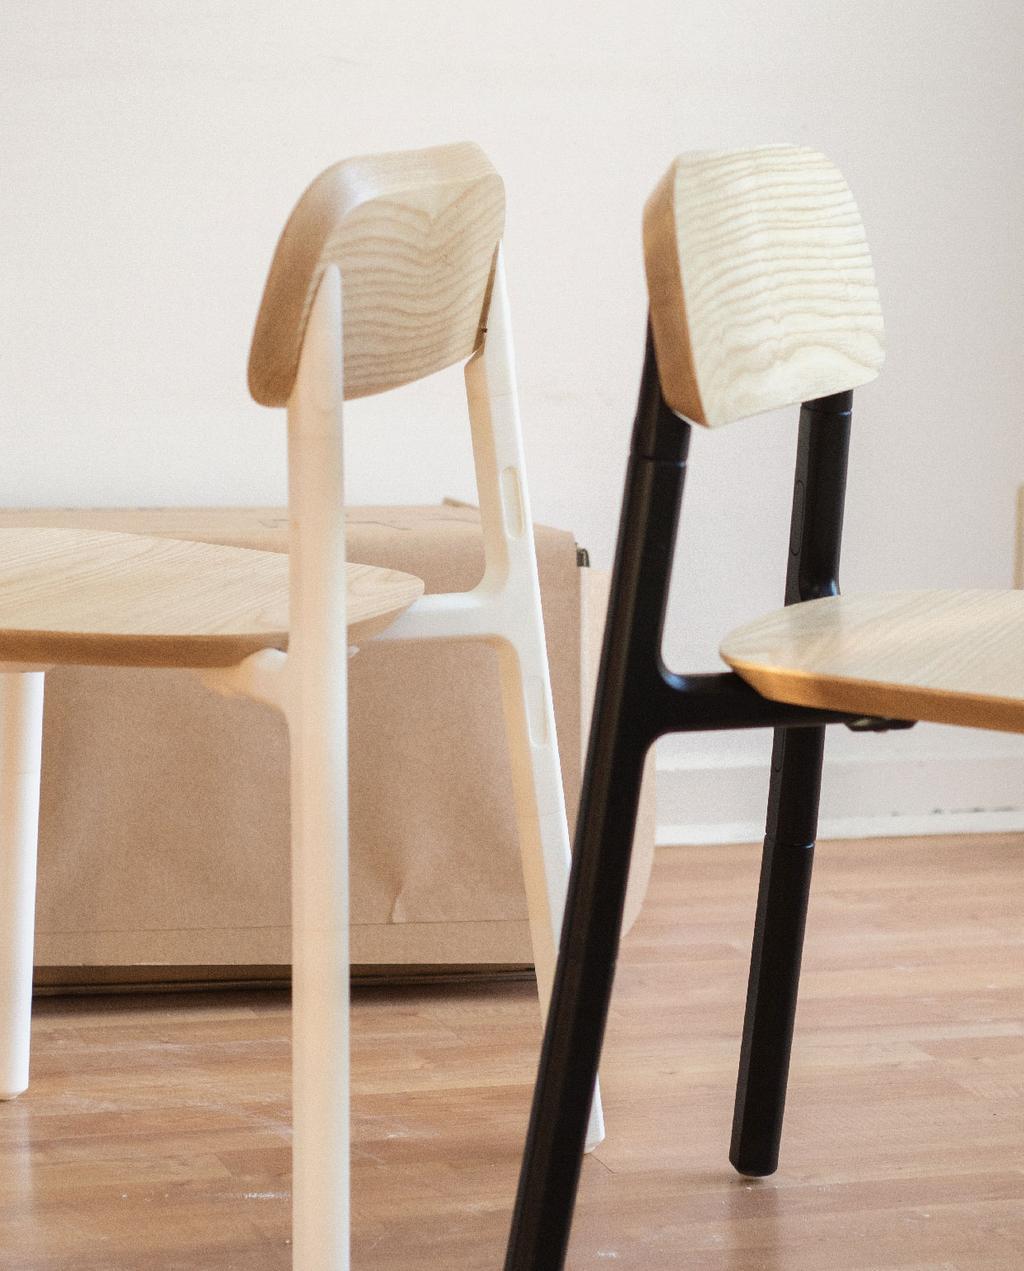 vtwonen blog studentdesign | 3D printevtwonen blog studentdesign | 3D printen stoelen kliksysteem